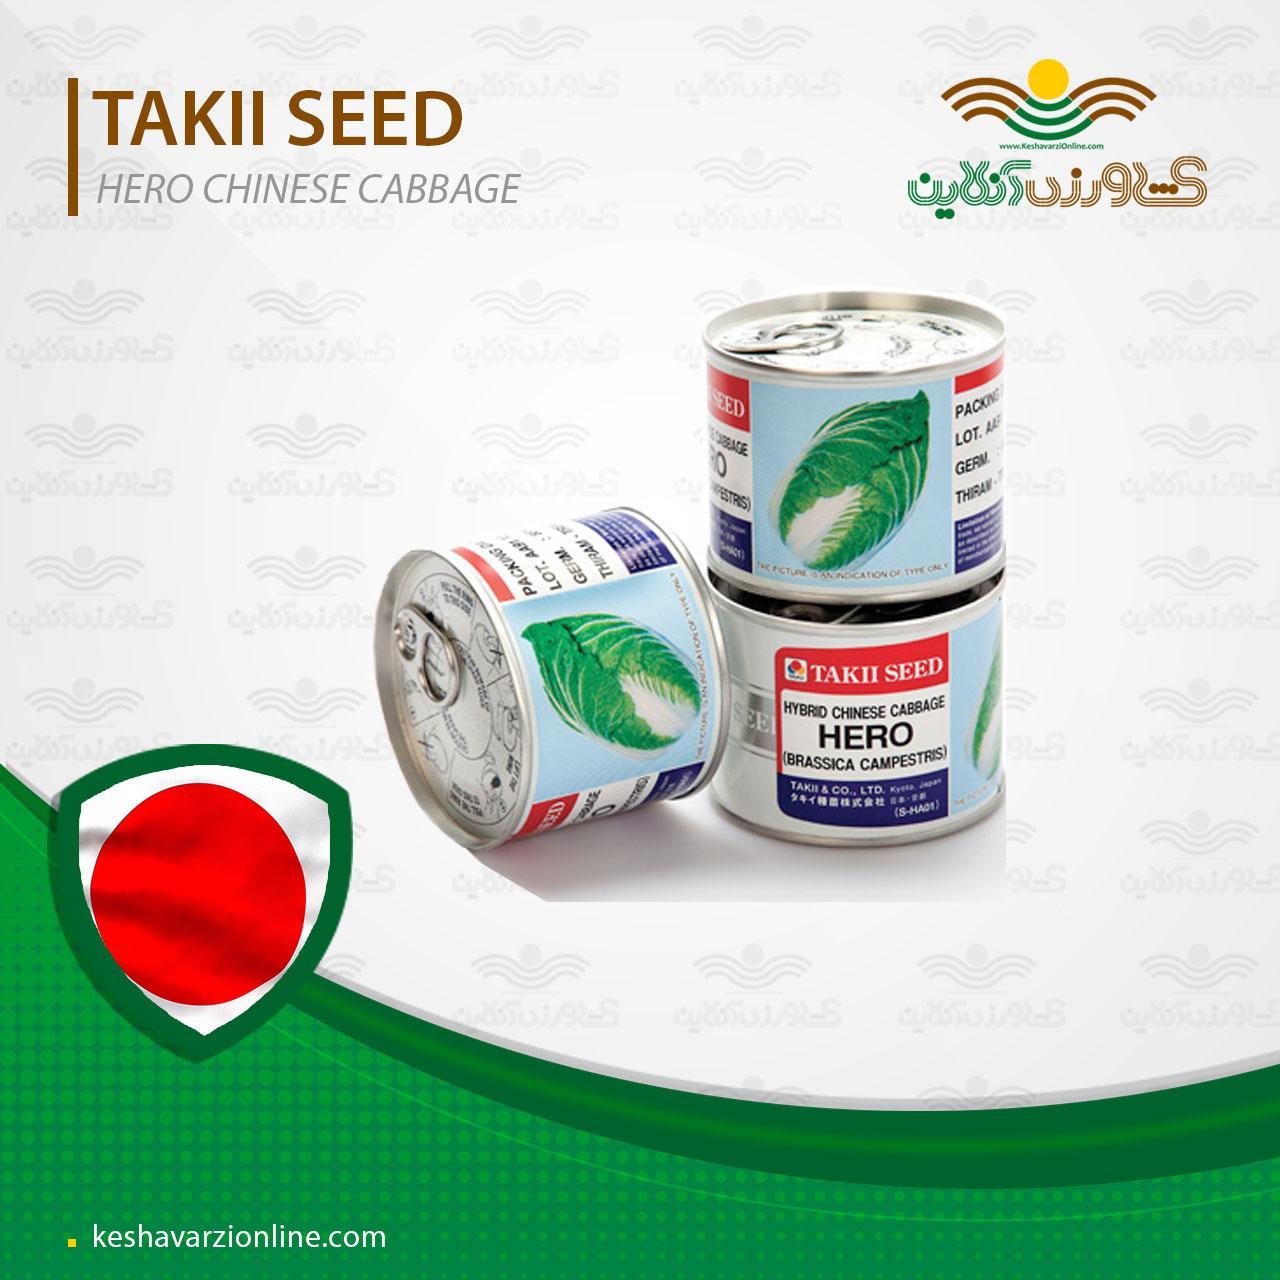 بذر کلم چینی هرو تاکی ژاپن